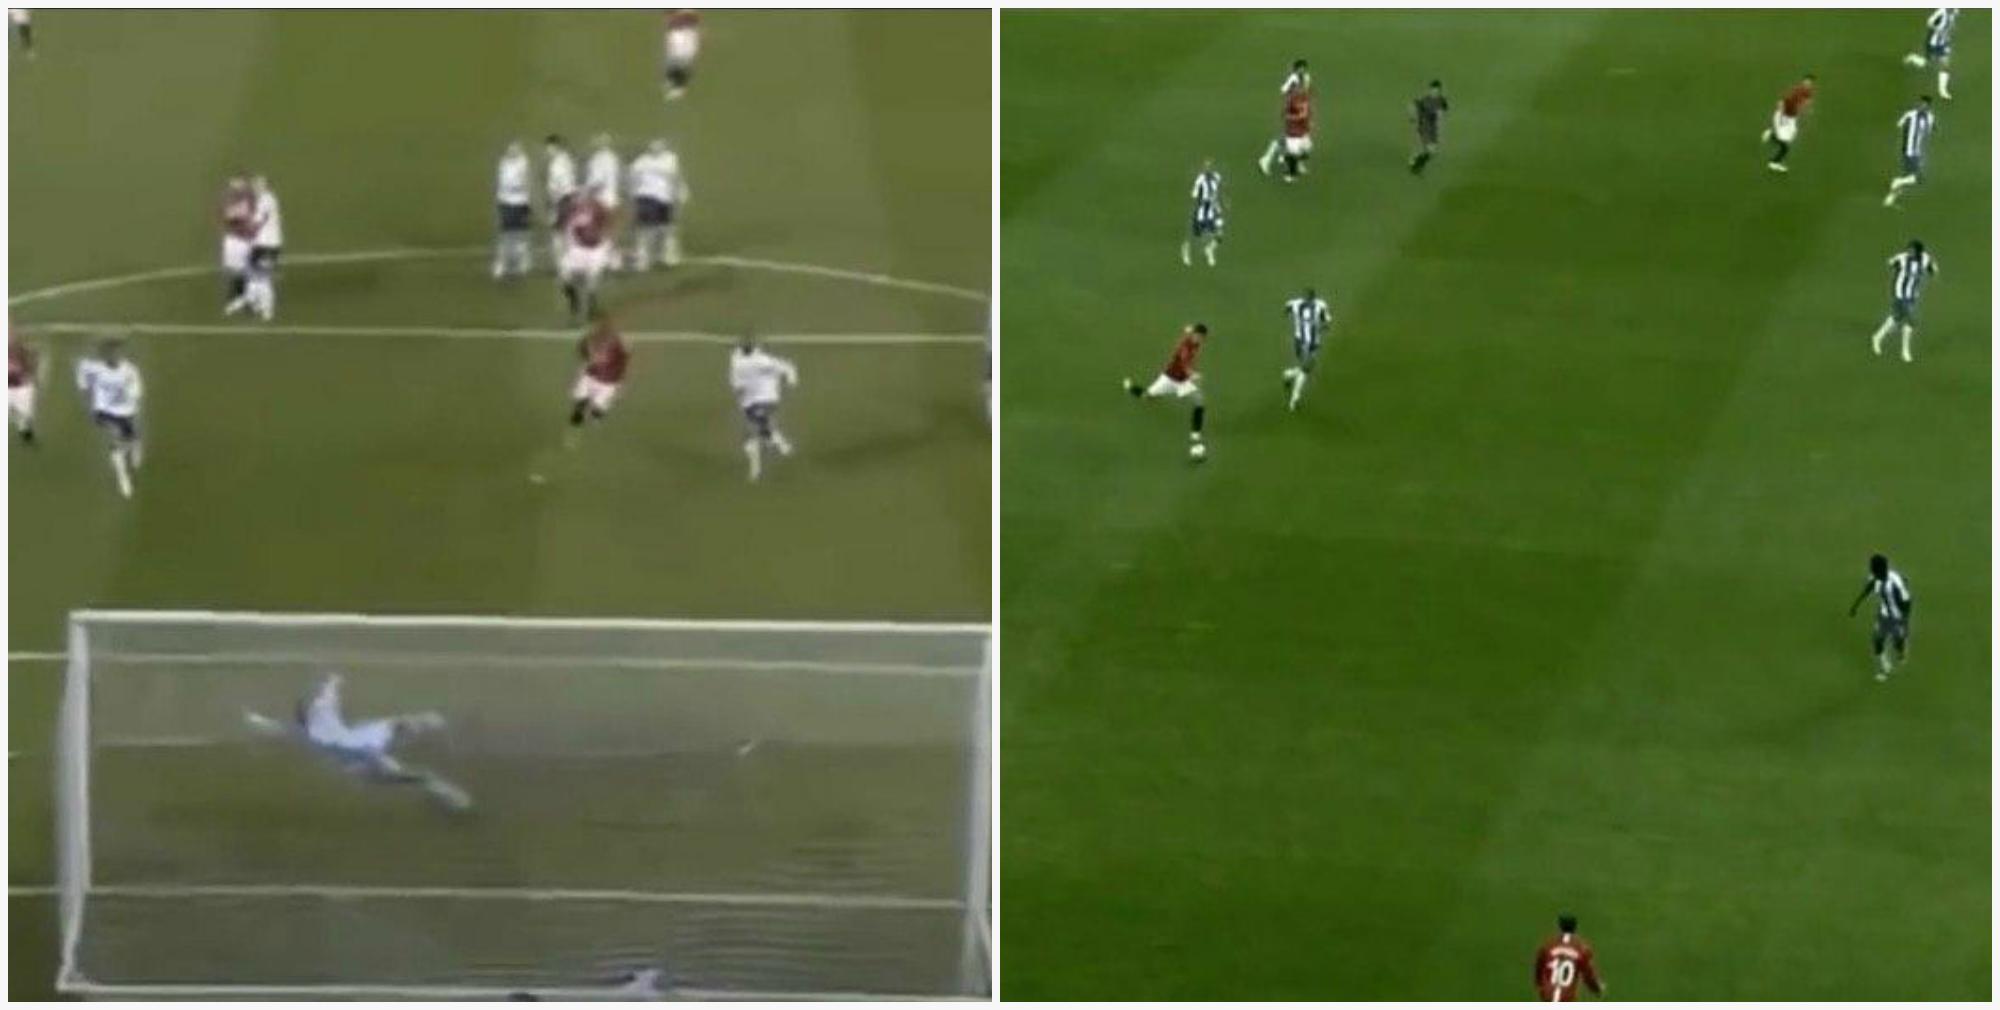 видео, премьер-лига Англия, Криштиану Роналду, Манчестер Юнайтед